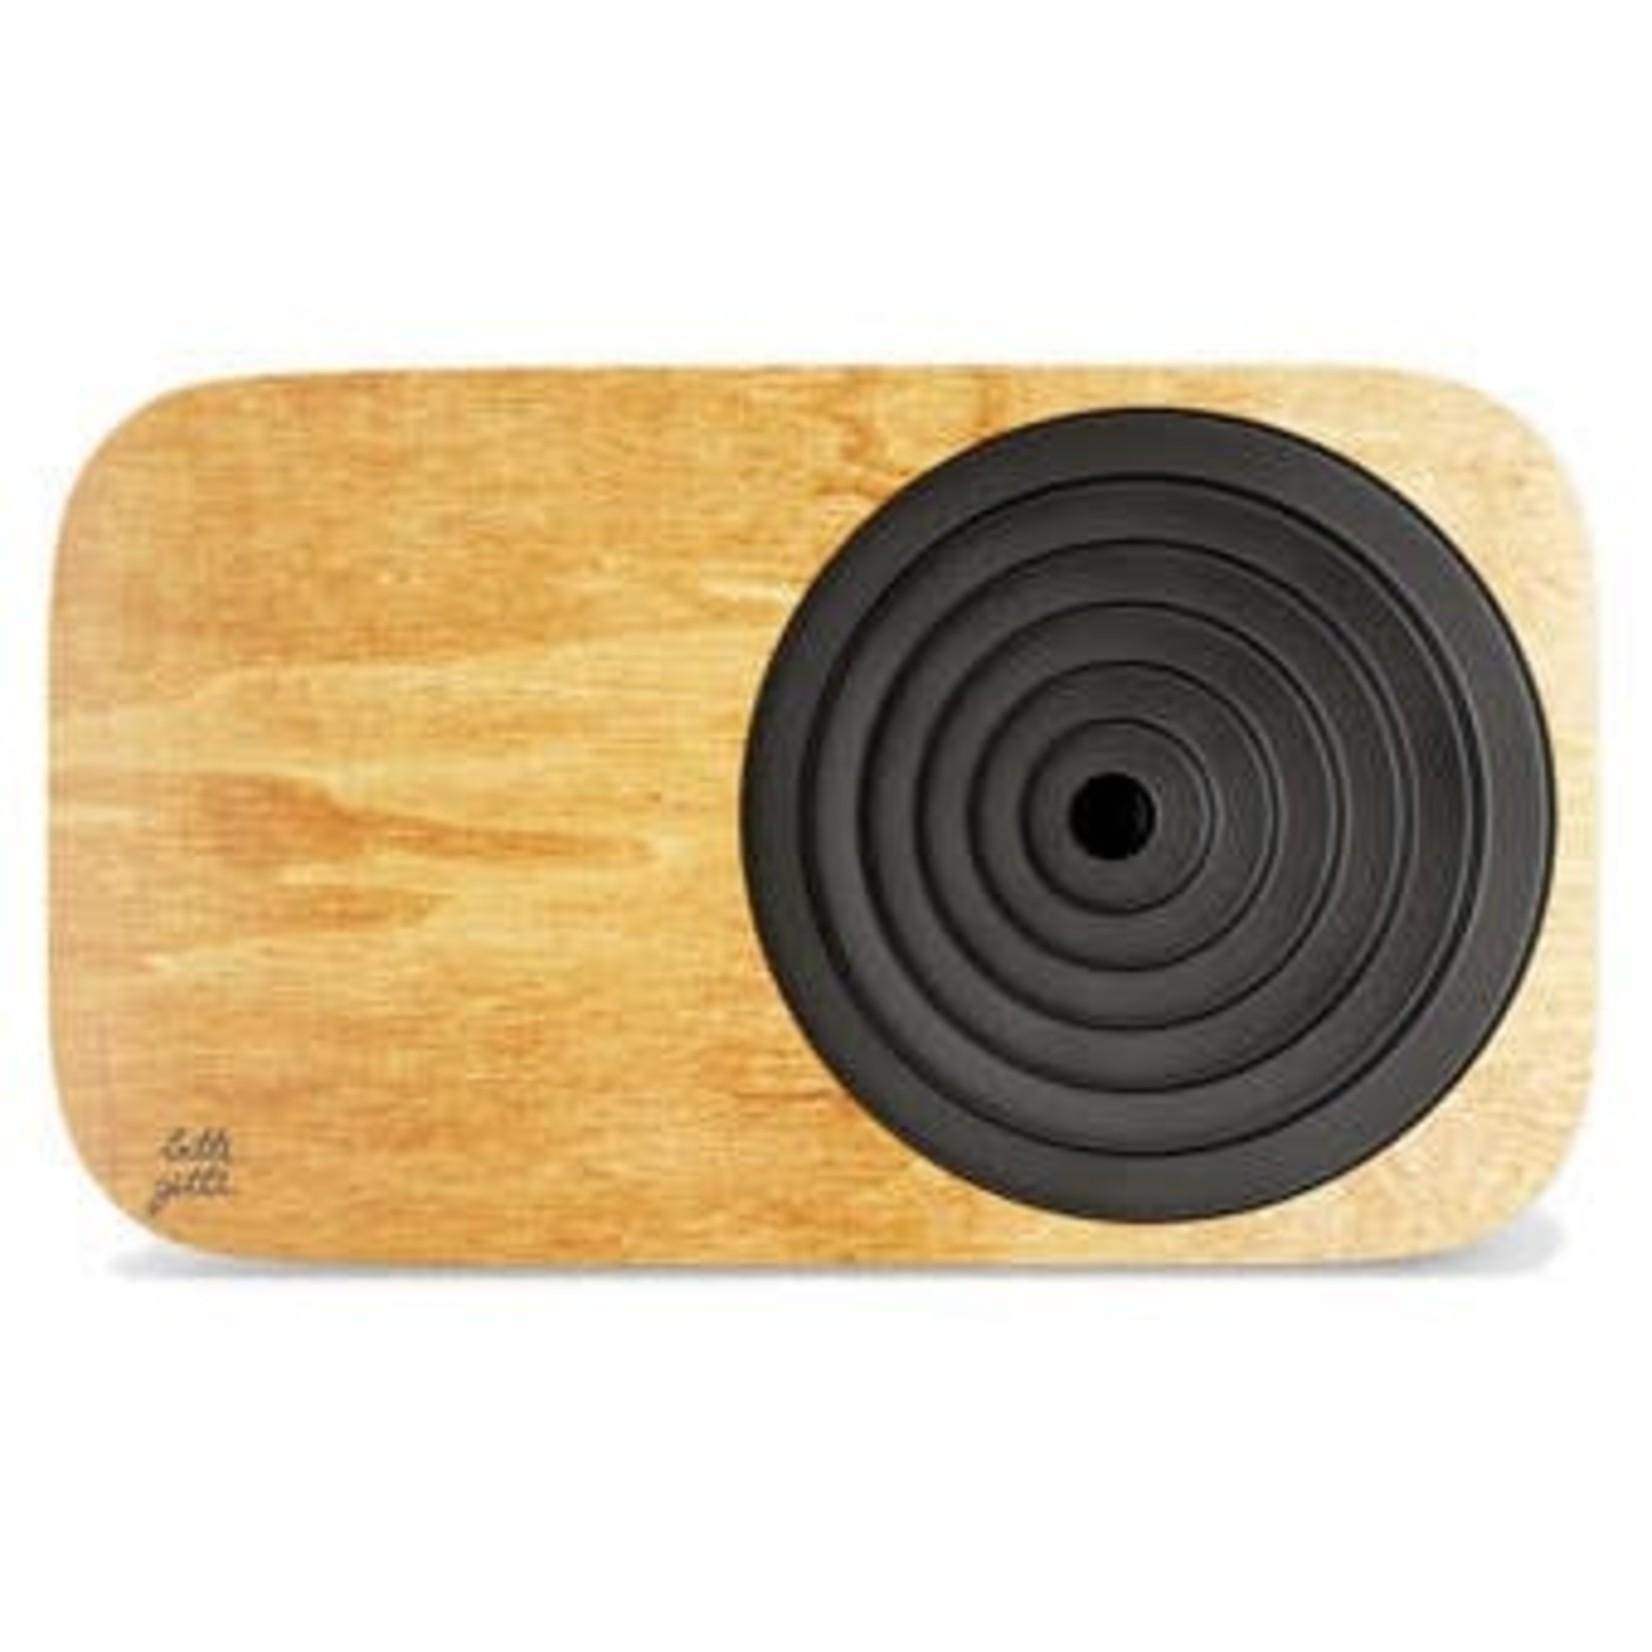 Bitti Gitti Design Workshop Wooden Speaker System